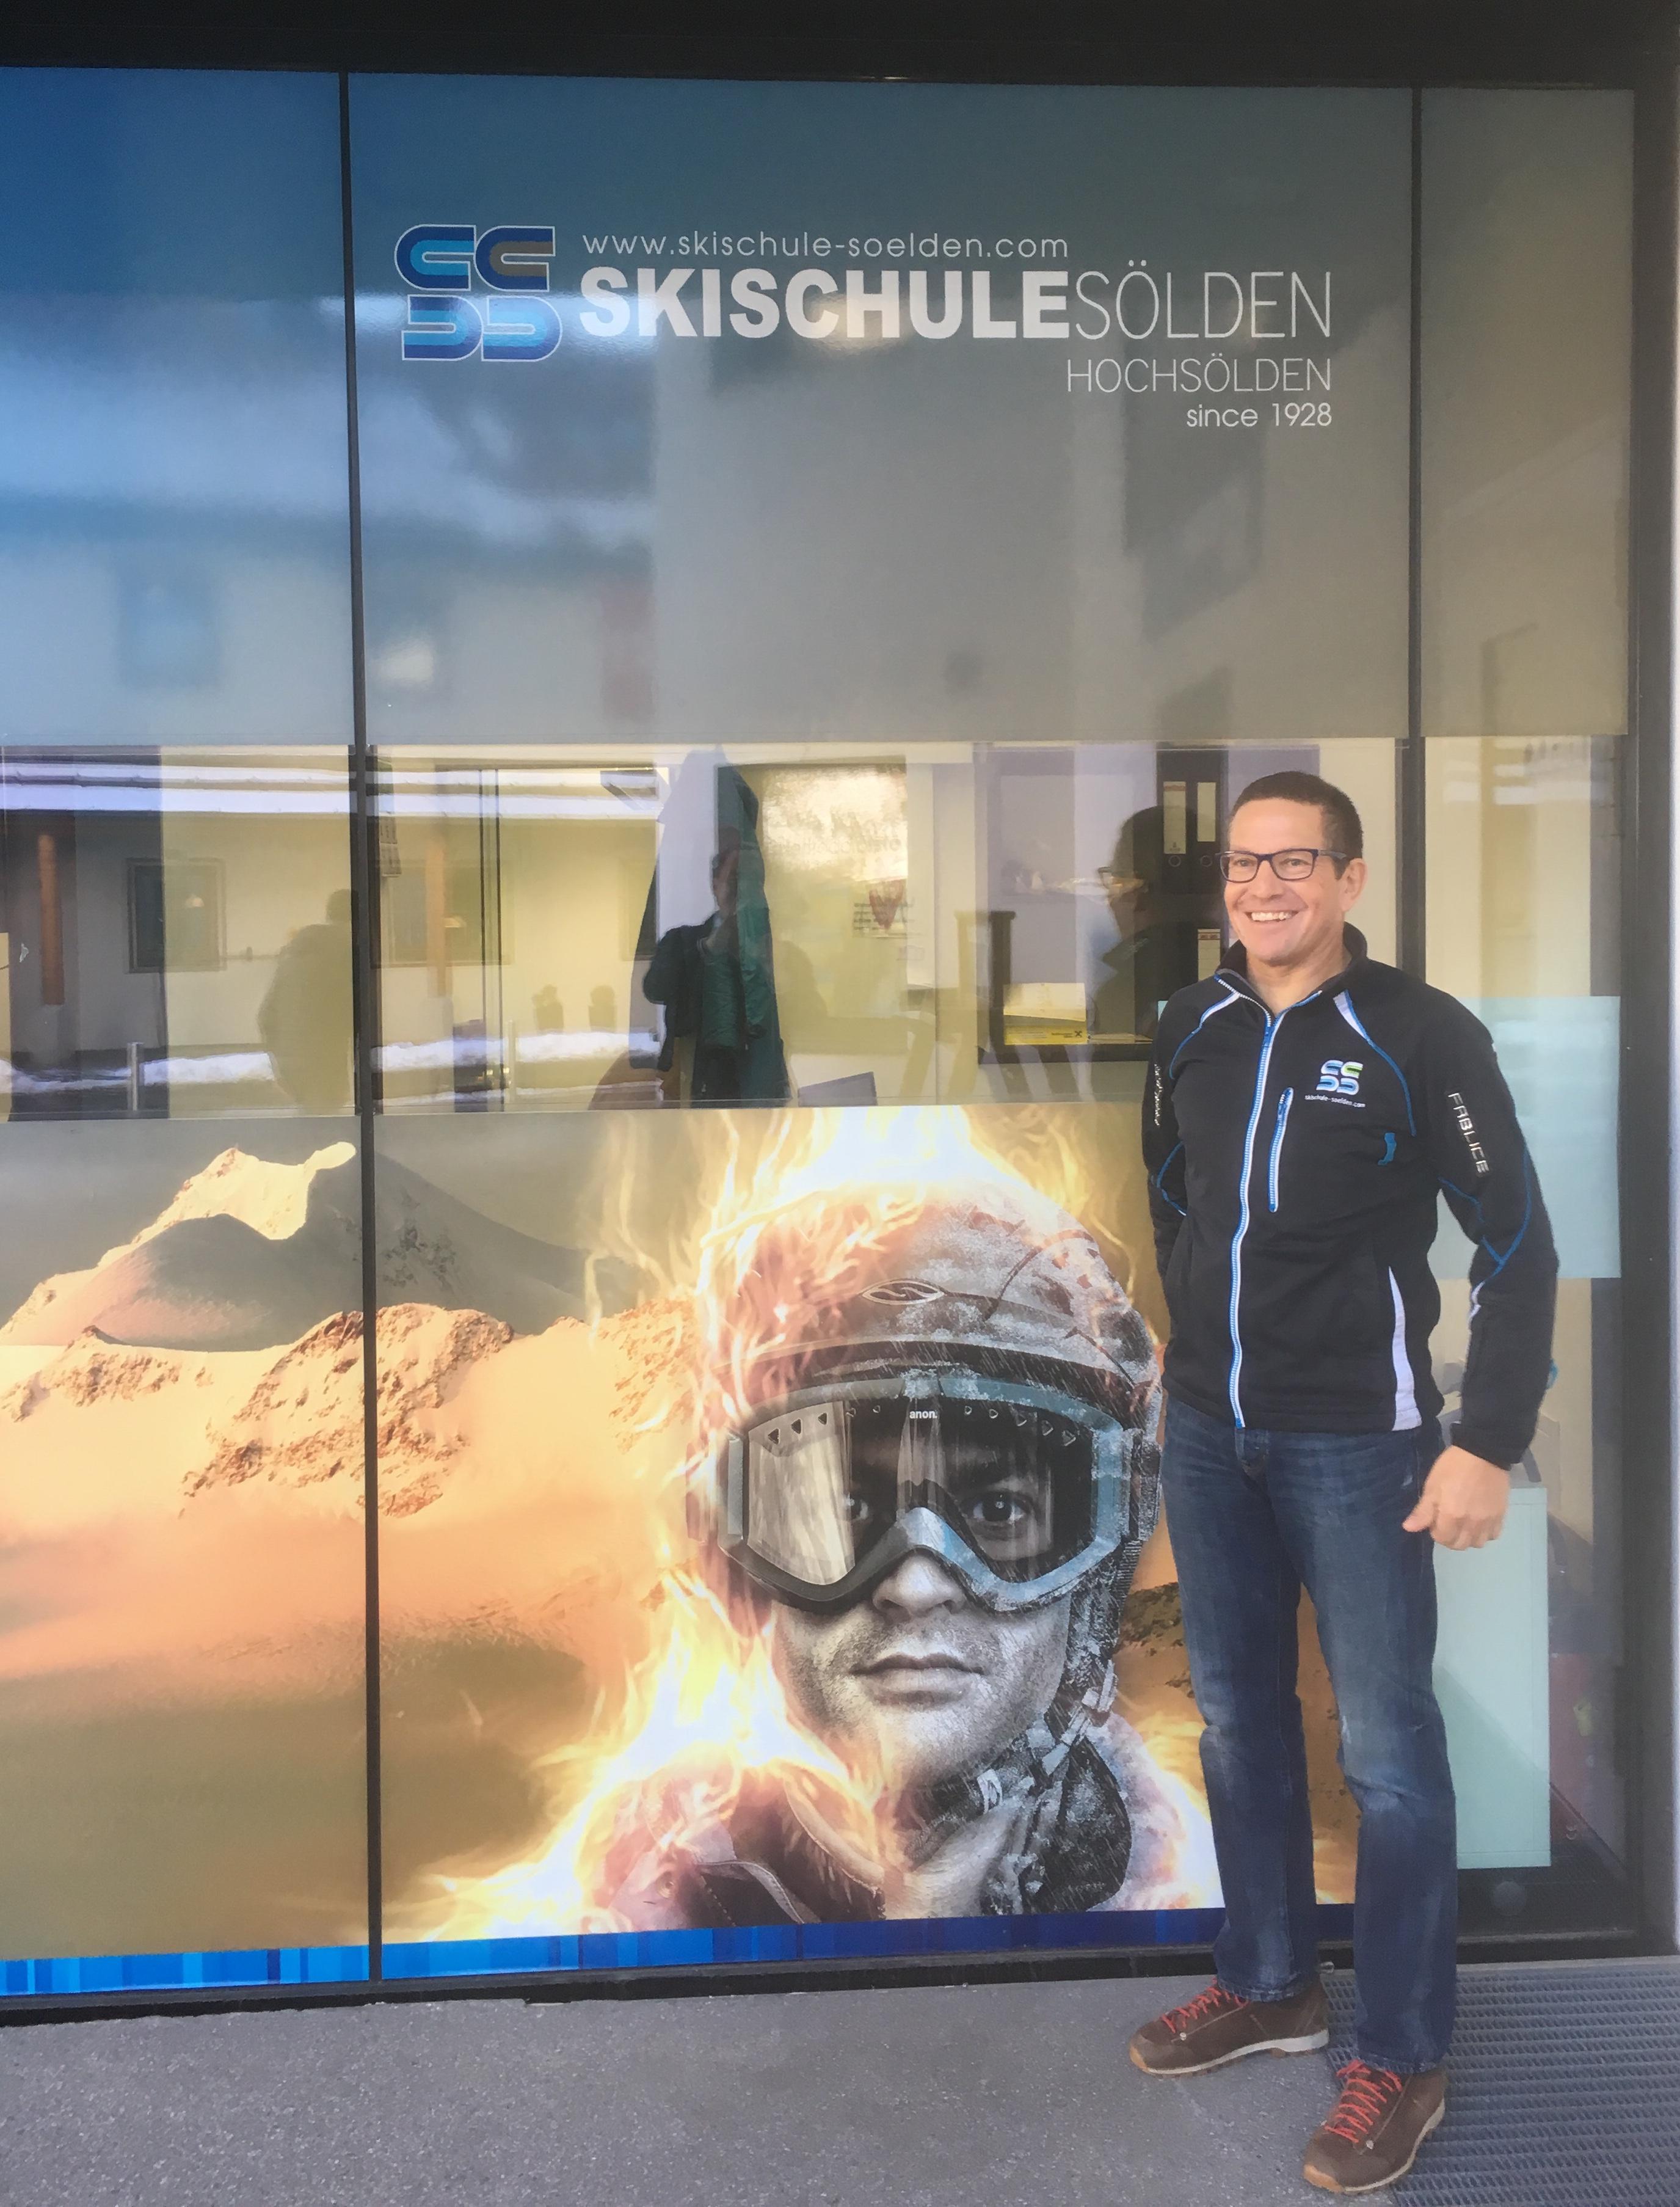 Gotthard Gstrein in front of the Ski school